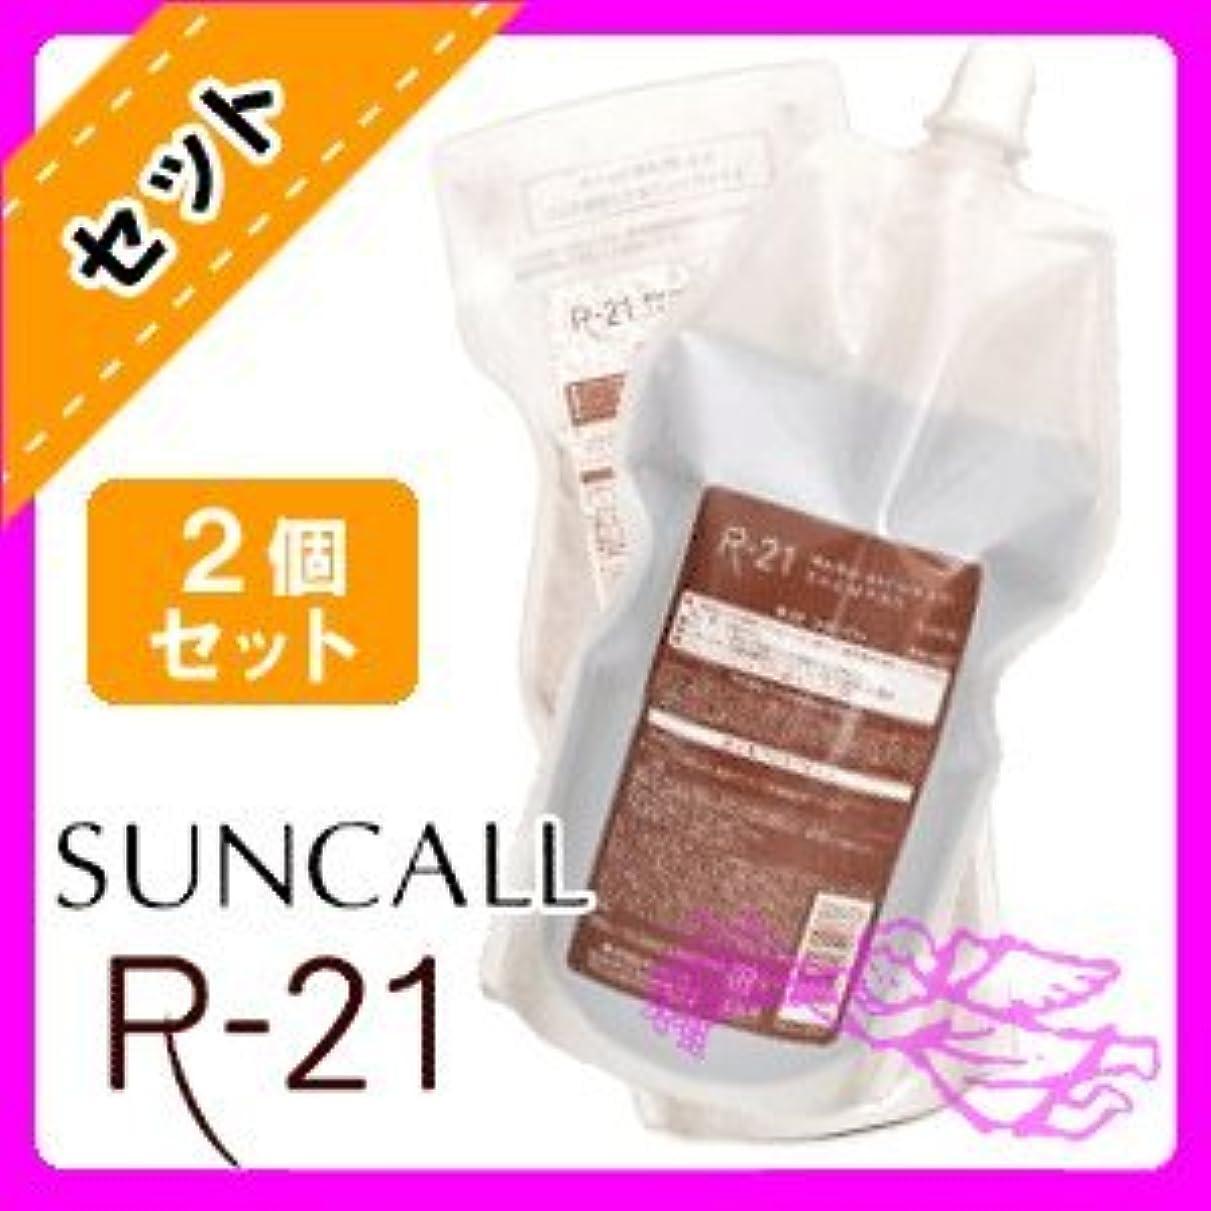 サンコール R-21 シャンプー 700mL × 2個 セット & トリートメント 700g × 2個 セット 詰め替え用 セット 頭皮の汚れを除去し、髪にハリ?コシを与えます SUNCALL R-21